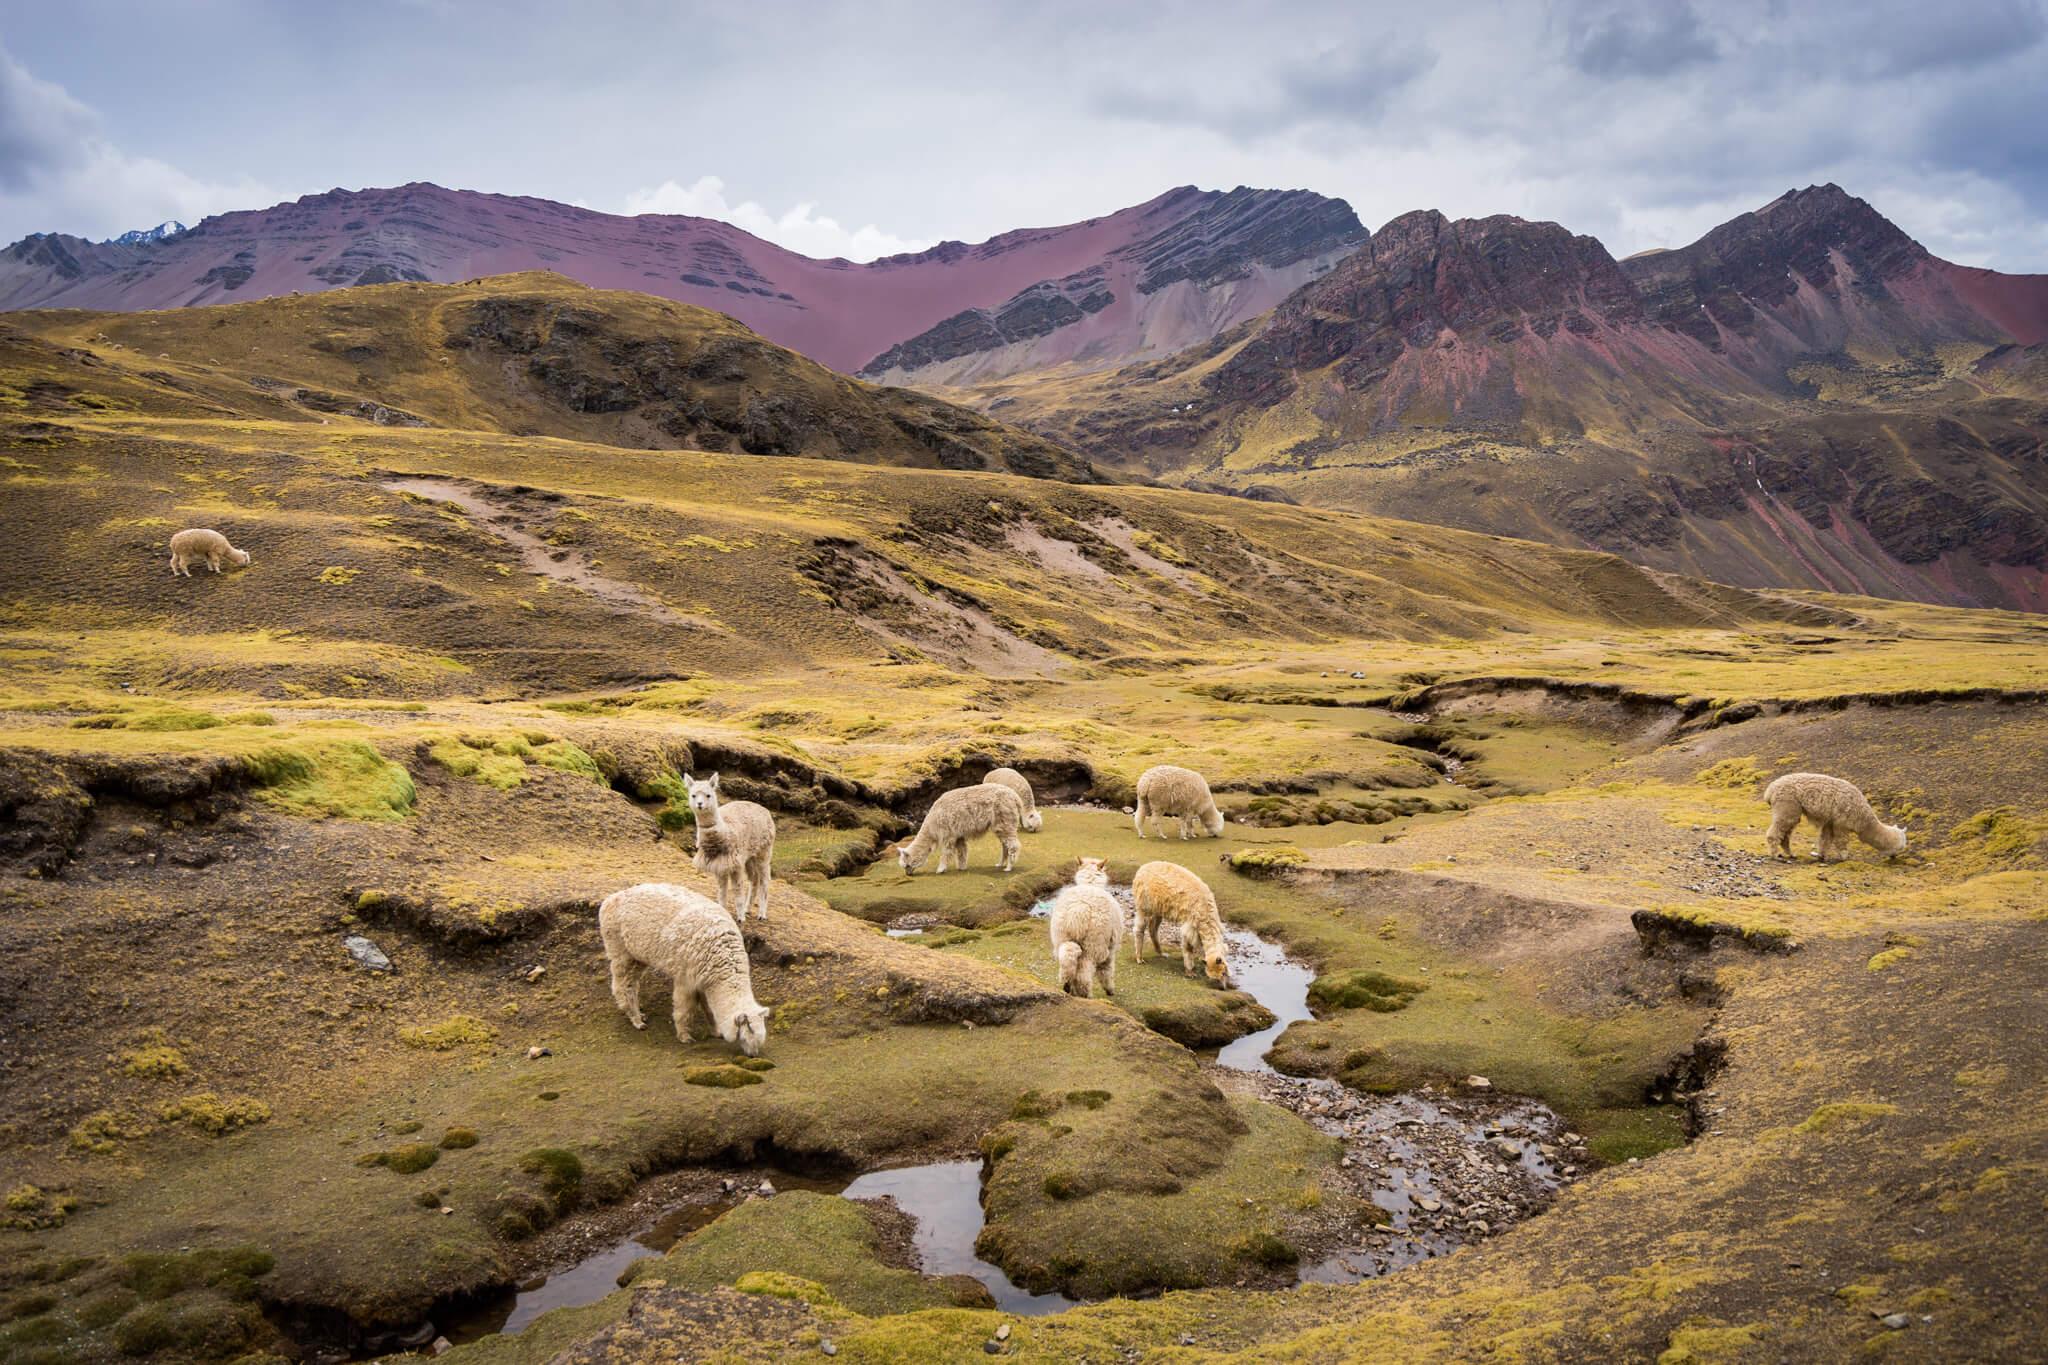 sur le chemin des Montagnes colorées Pérou